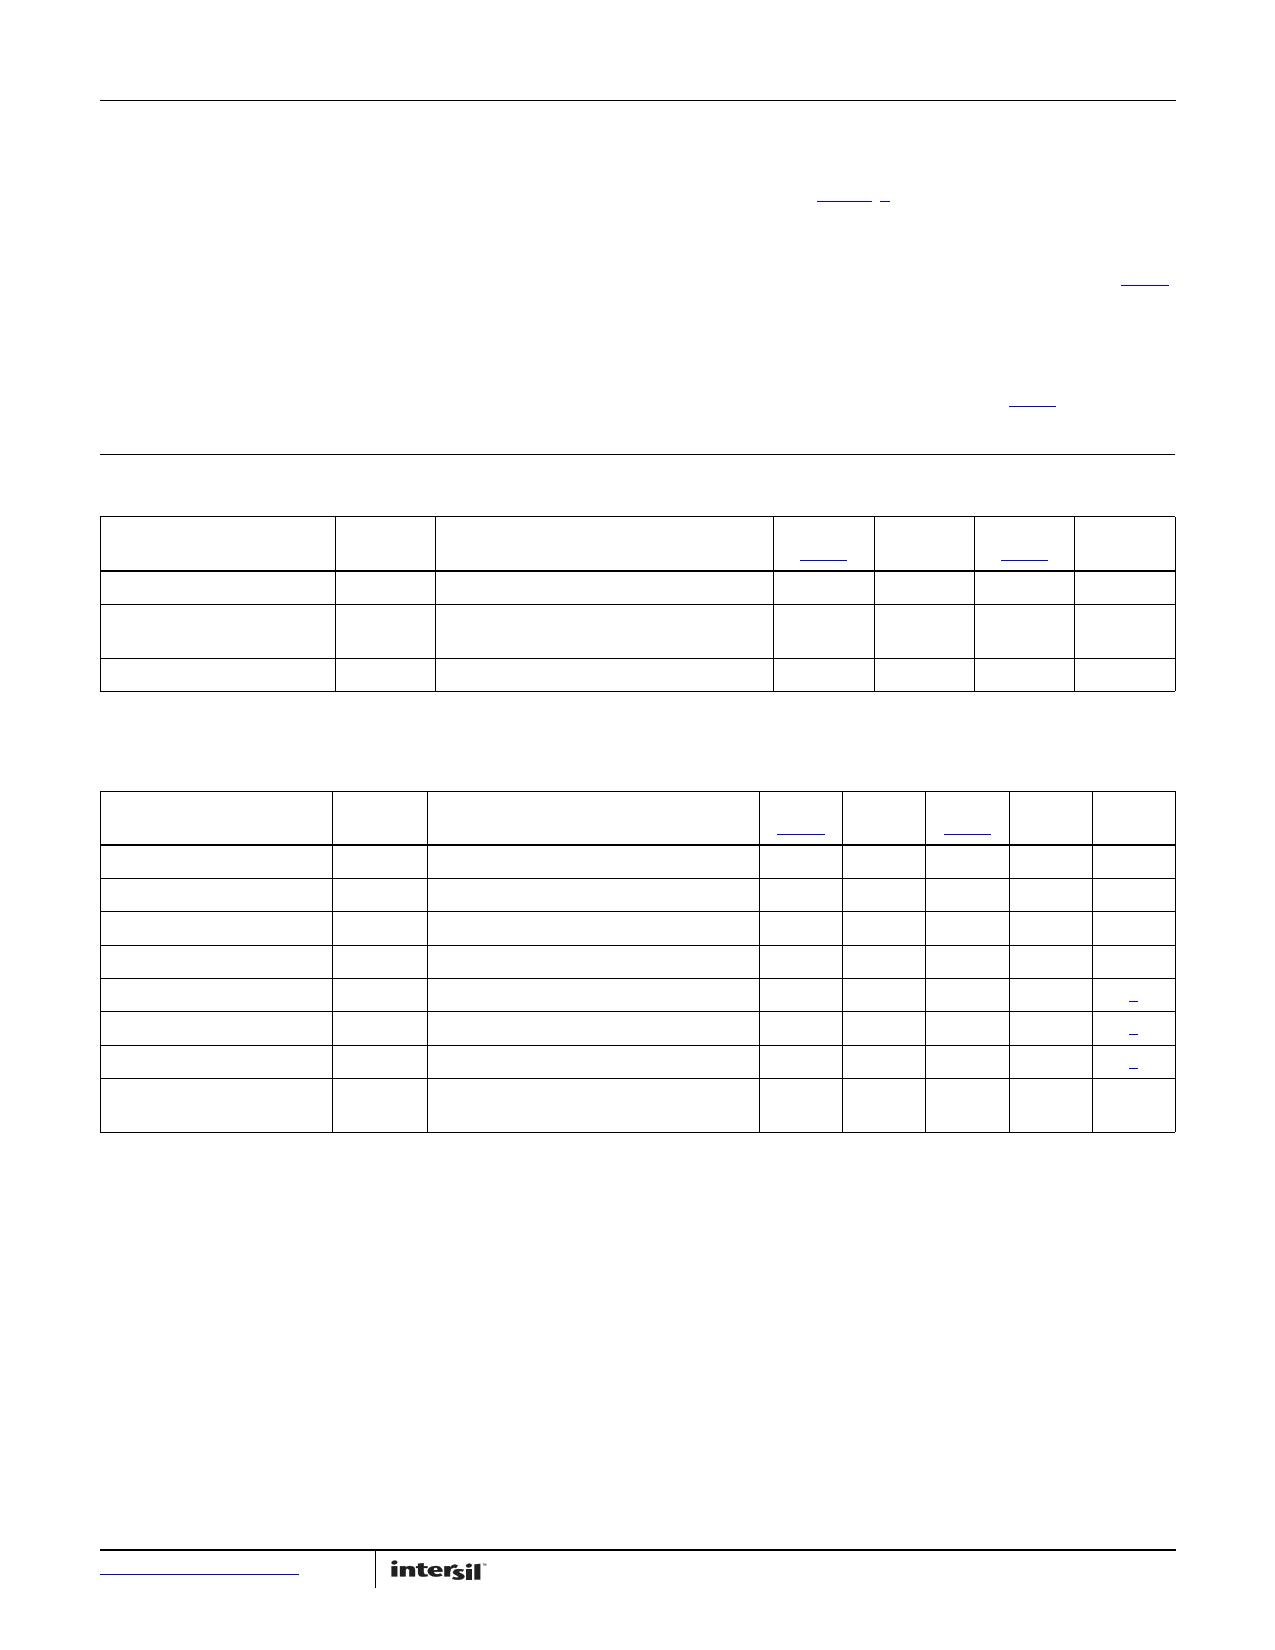 QLx4600-SL30 pdf